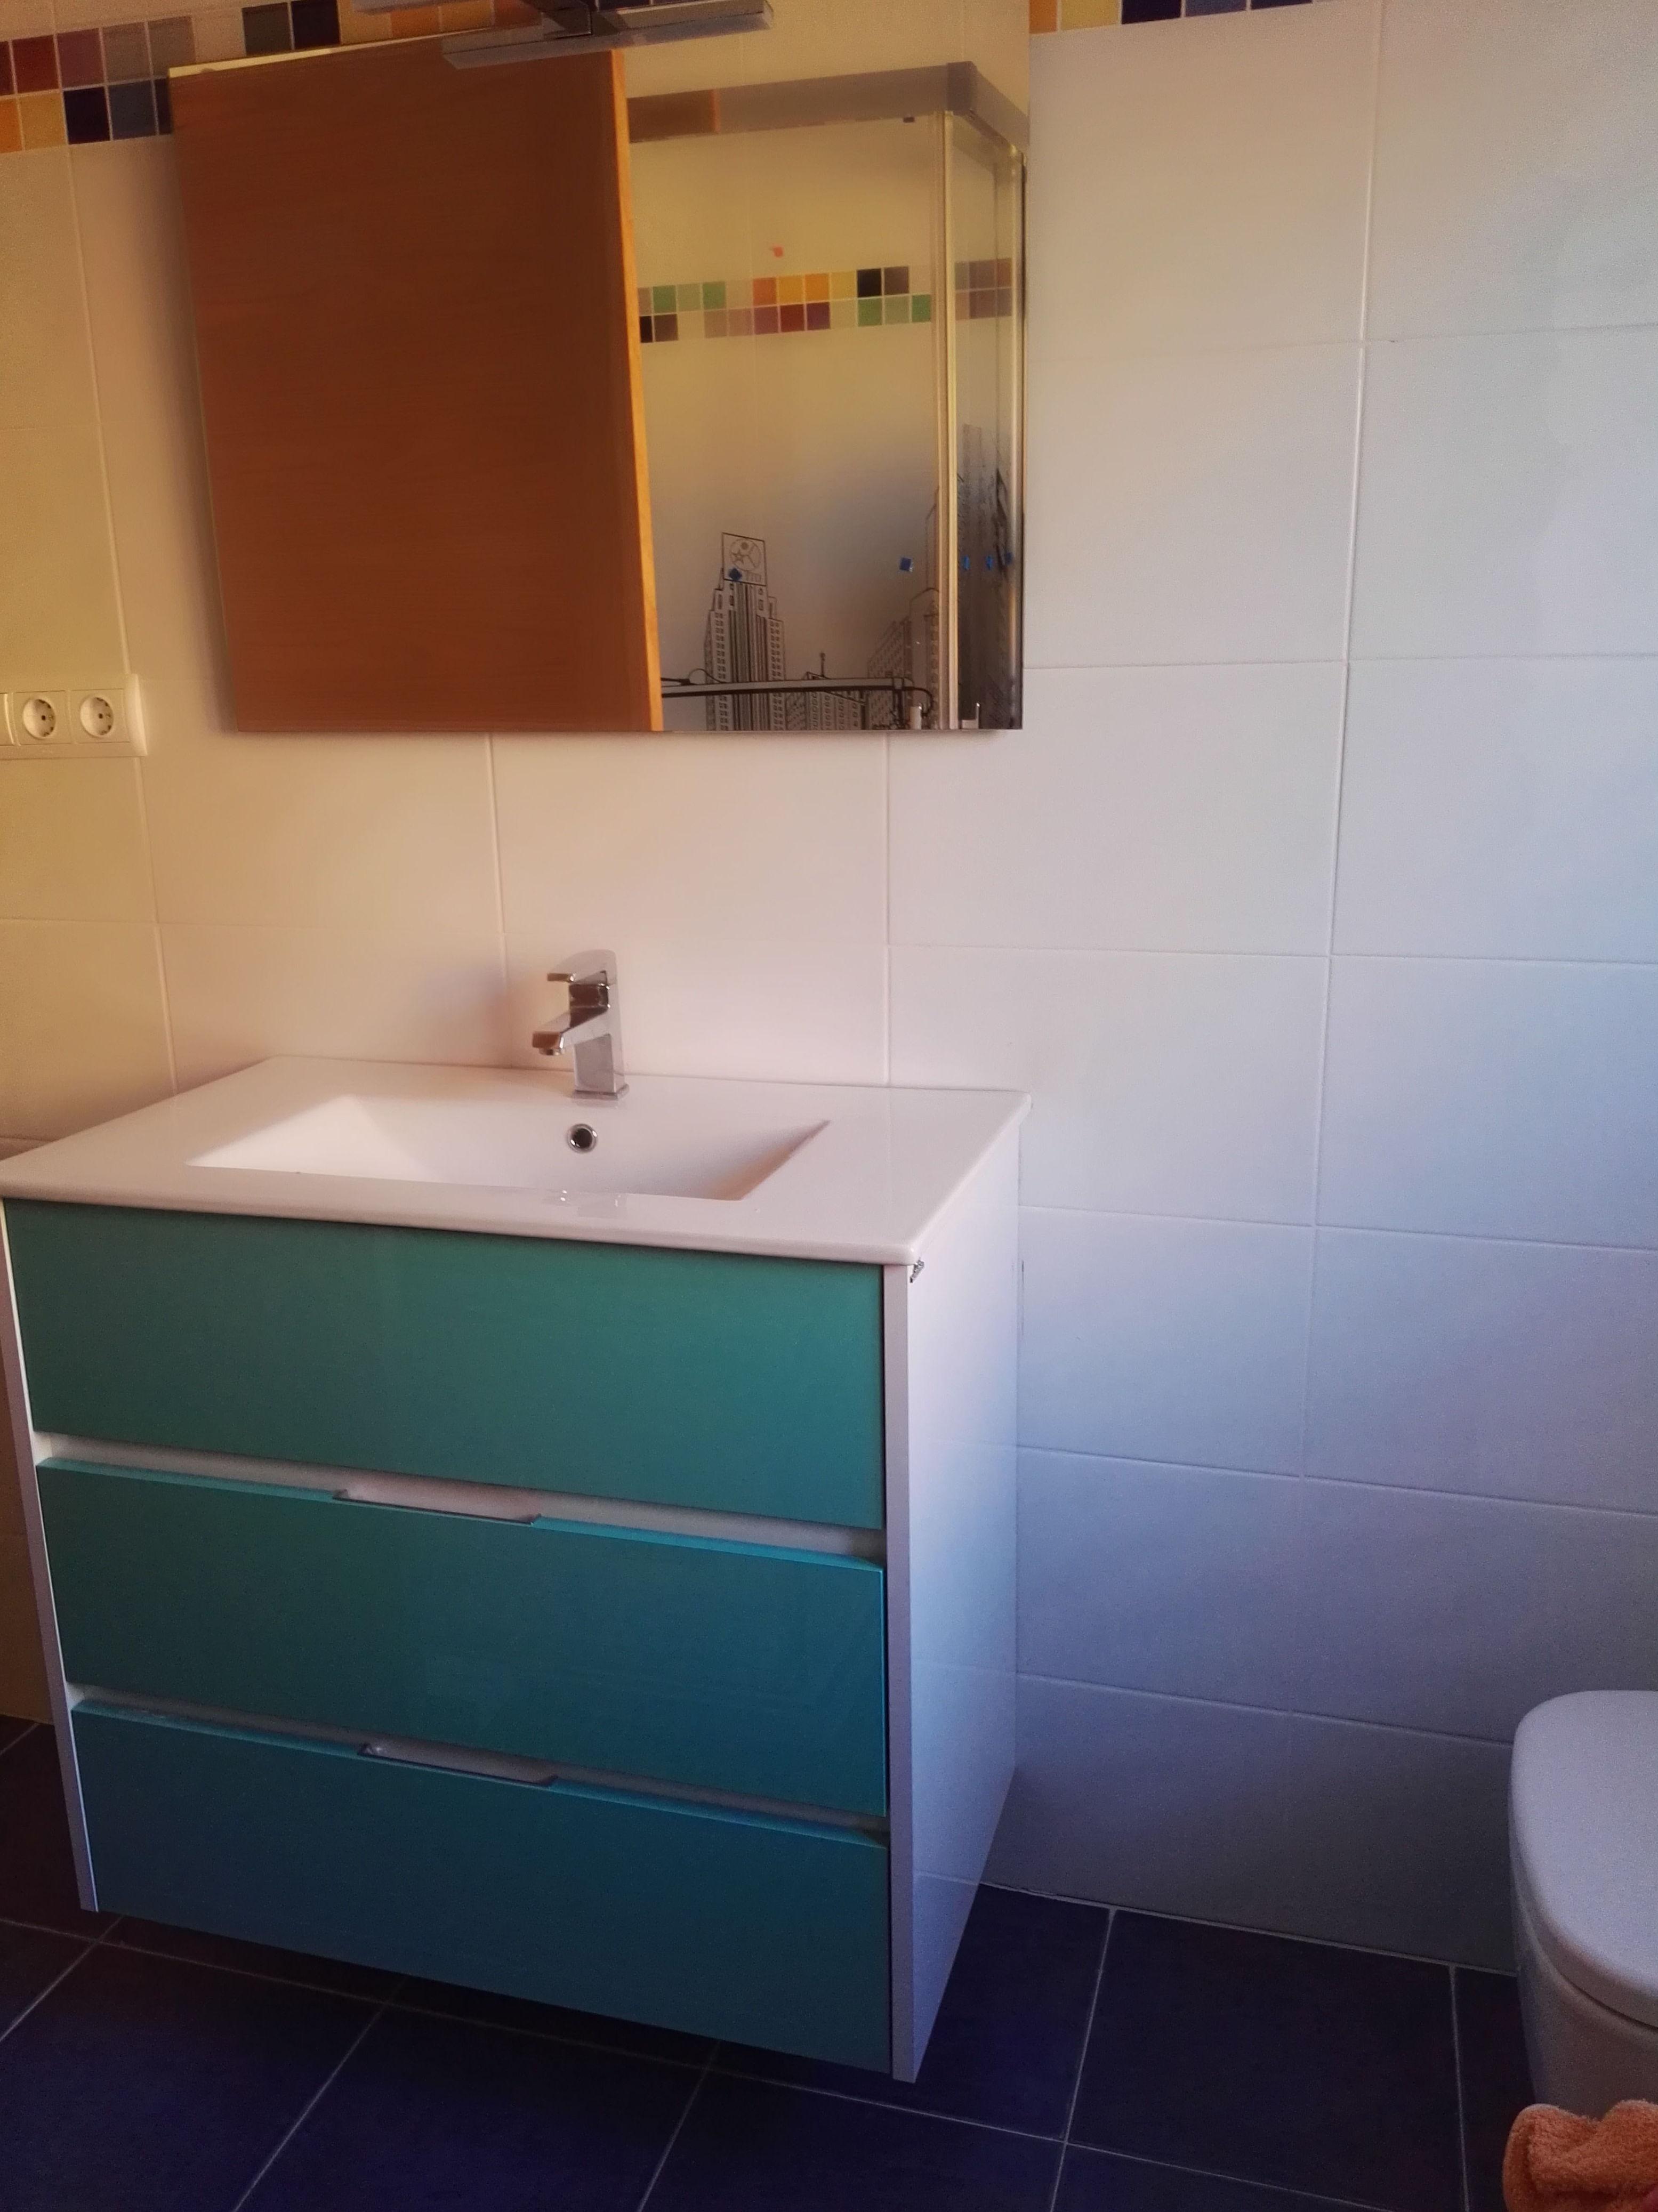 Foto 21 de Reformas en baños y cocinas en León | F. Alba, cocinas y baños